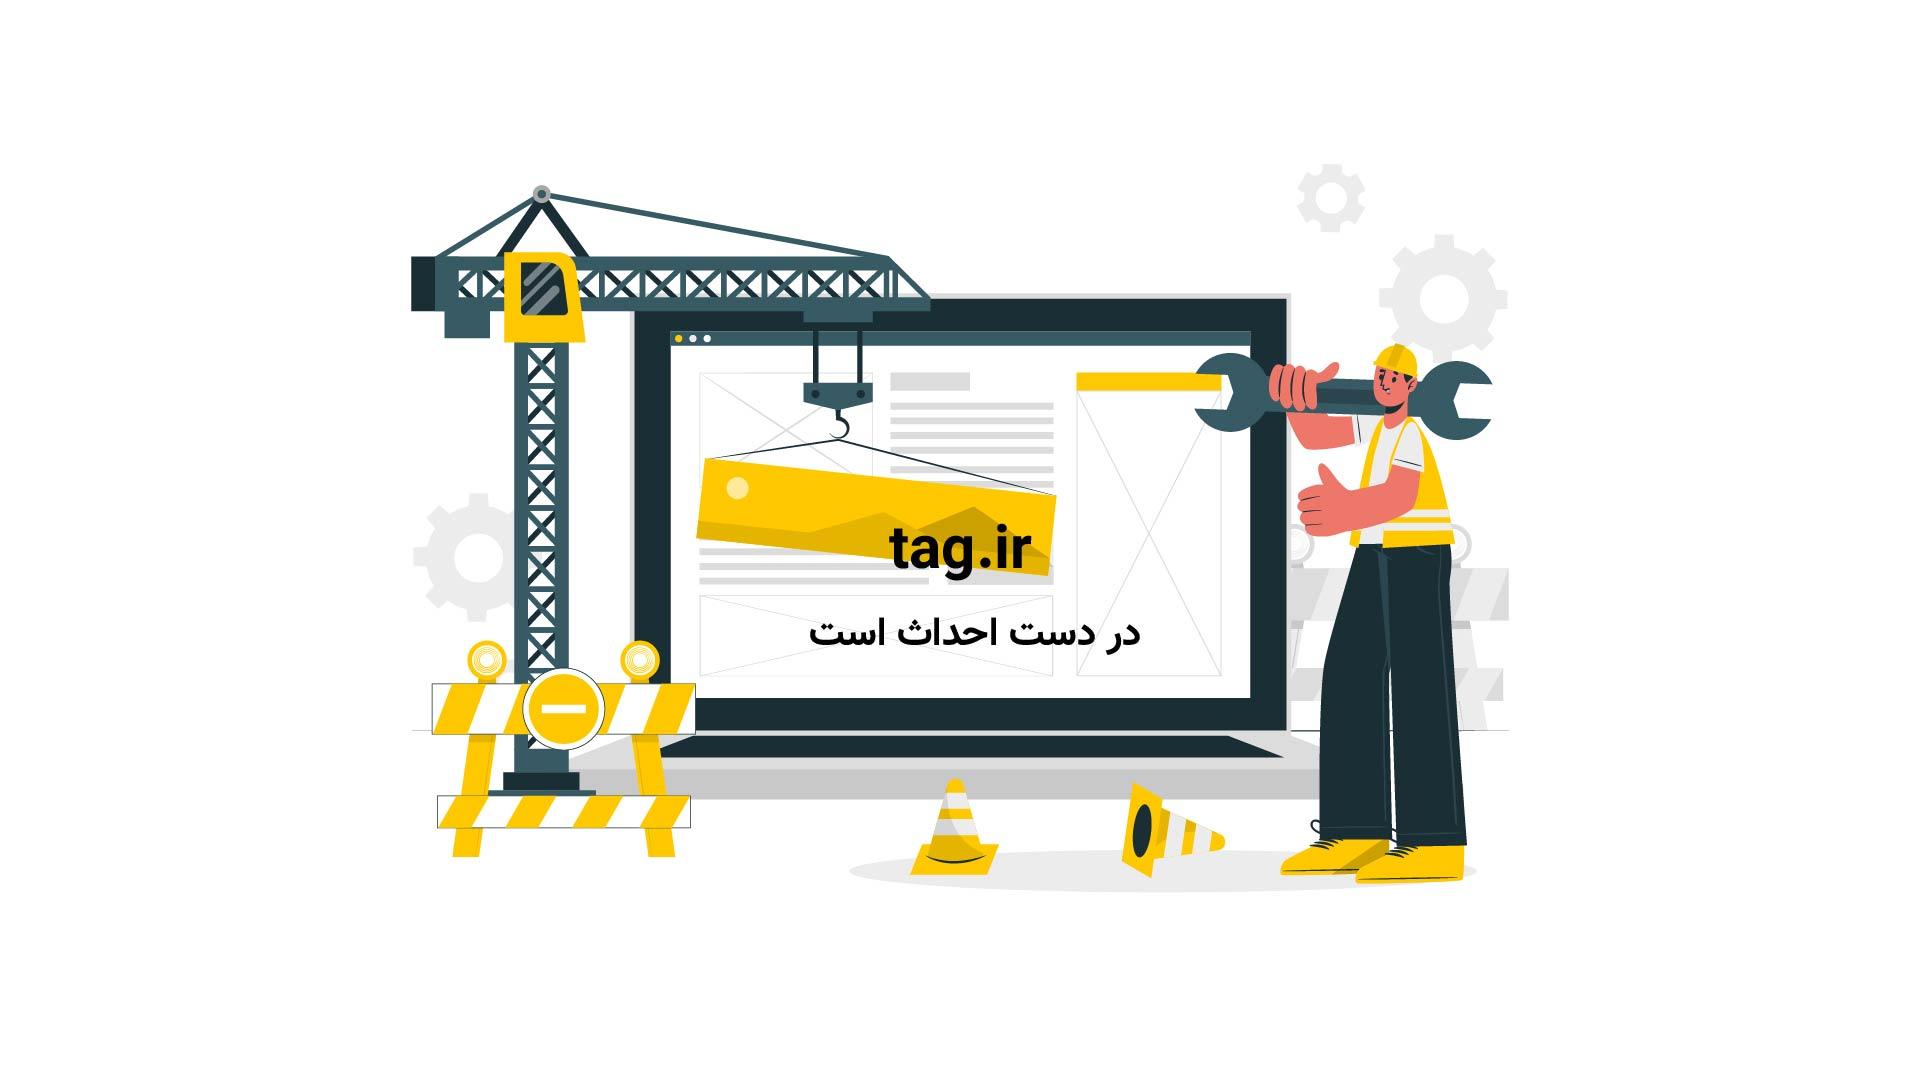 معدن نمک ویلیچکا از جاذبههای گردشگری لهستان | فیلم